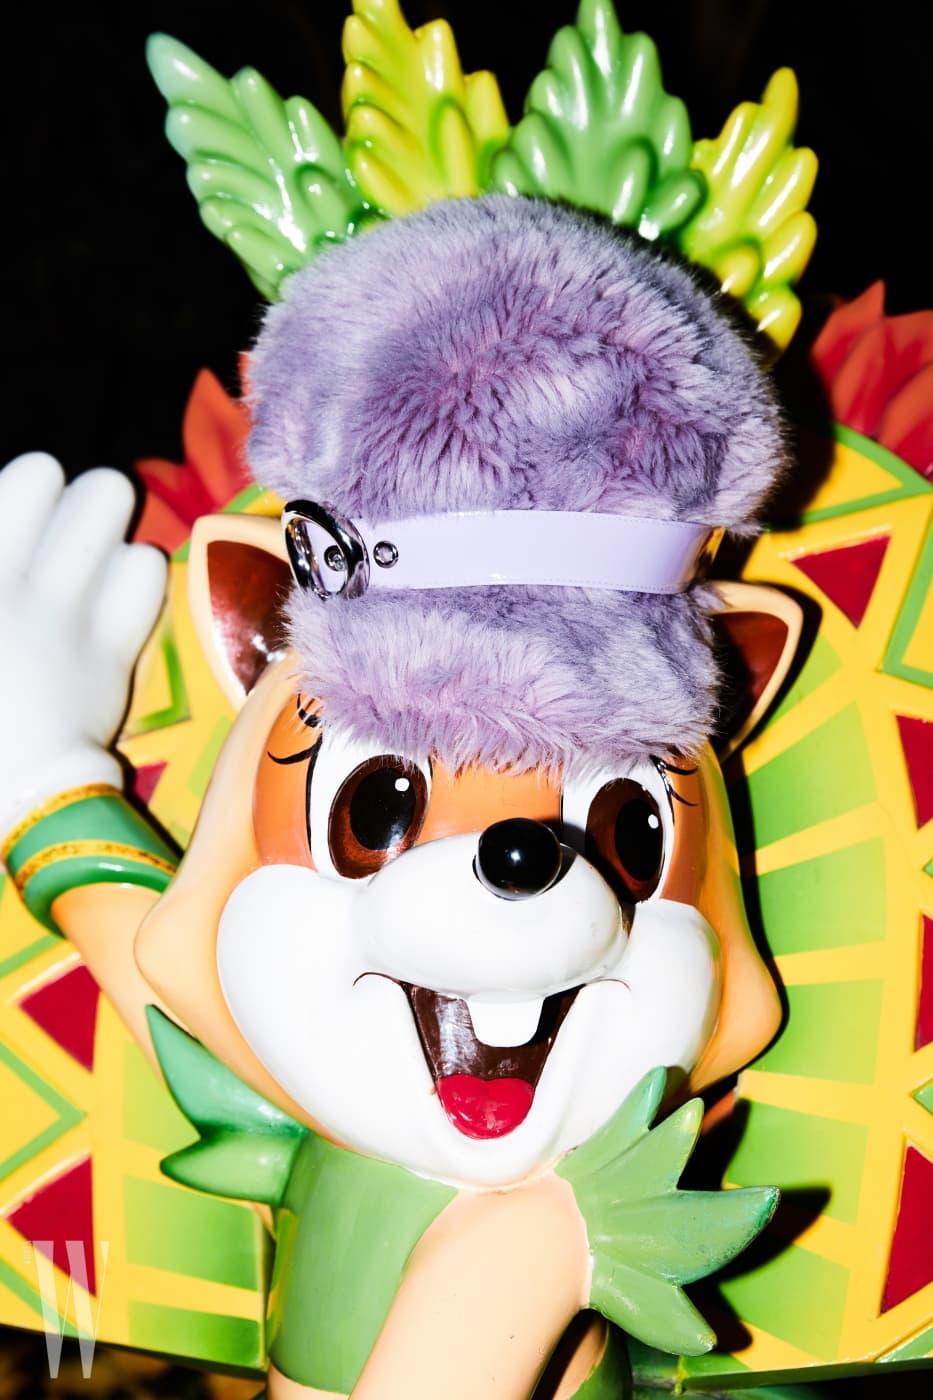 인형 머리에 얹힌 연보라색 페이크 퍼 모자는 미우미우 제품. 3백13만원.